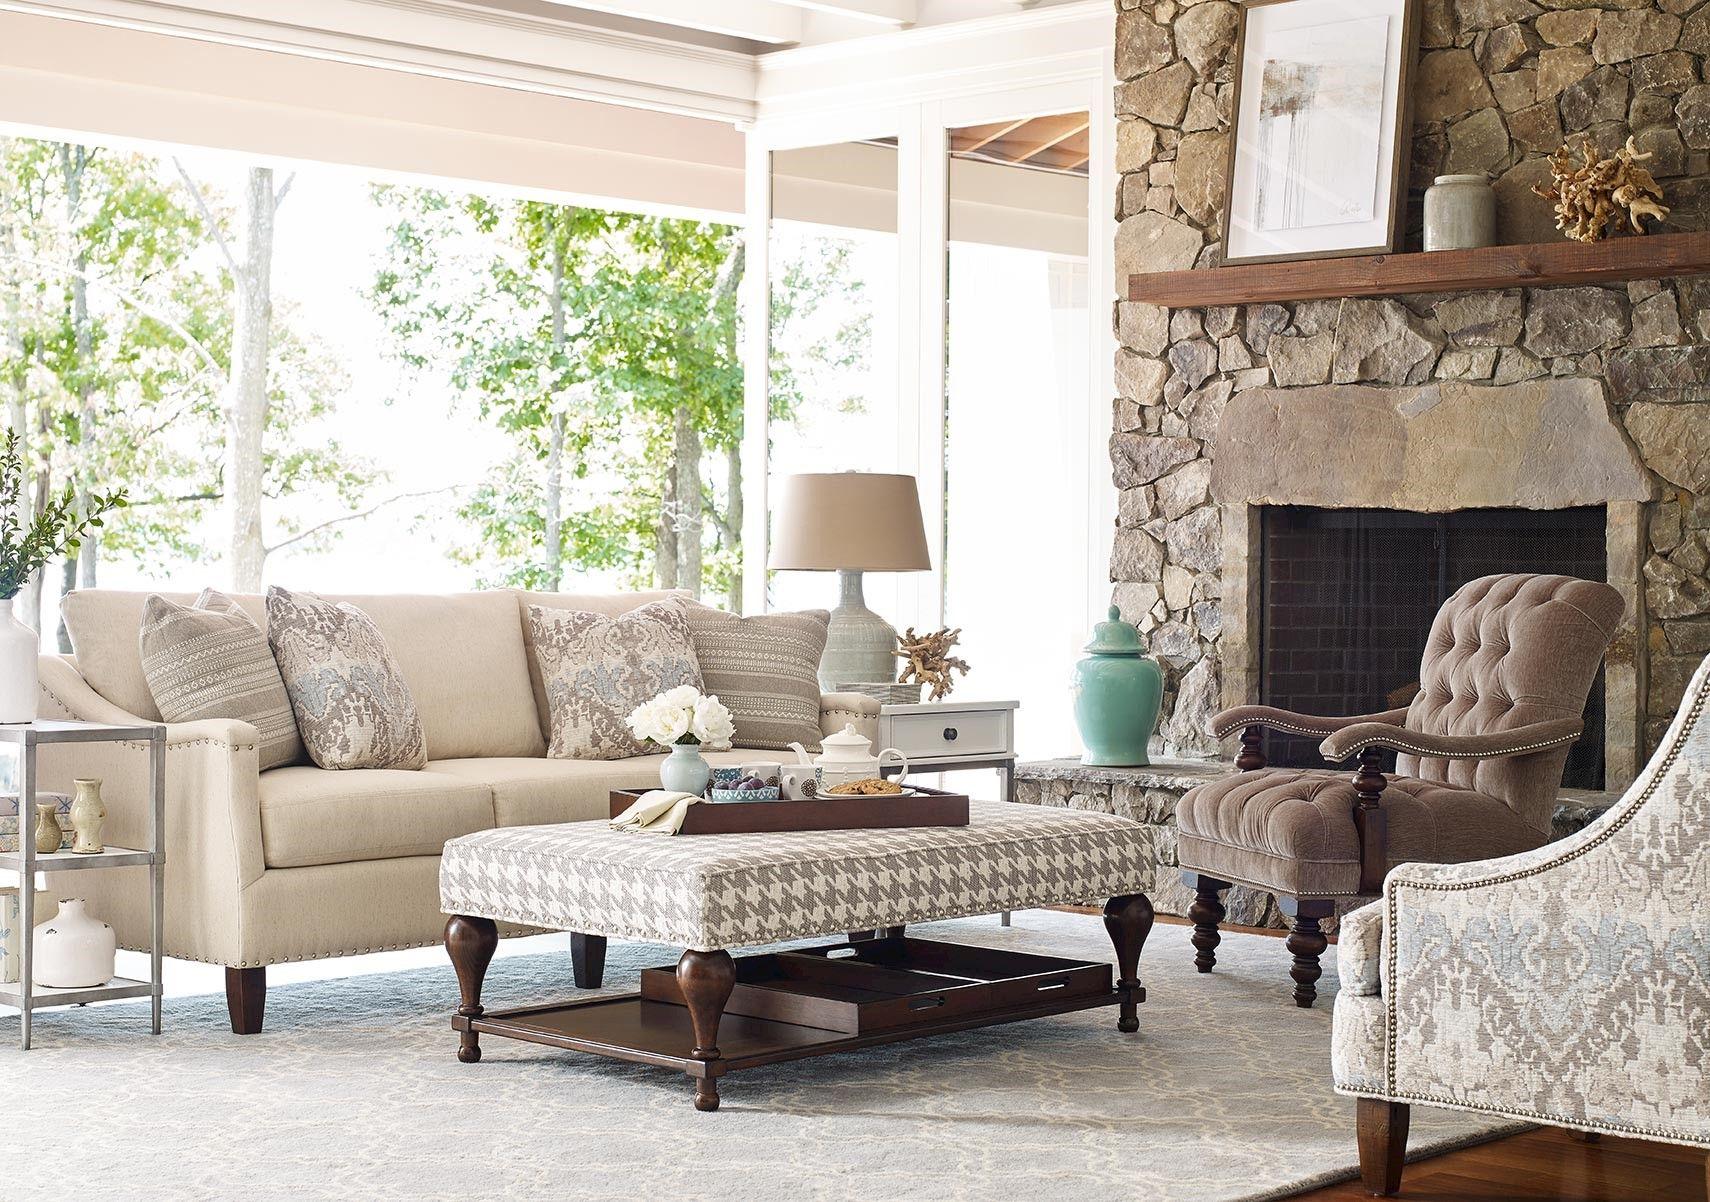 Lacks Upstate 2 Pc Living Room Set Furniture Living Room Sets